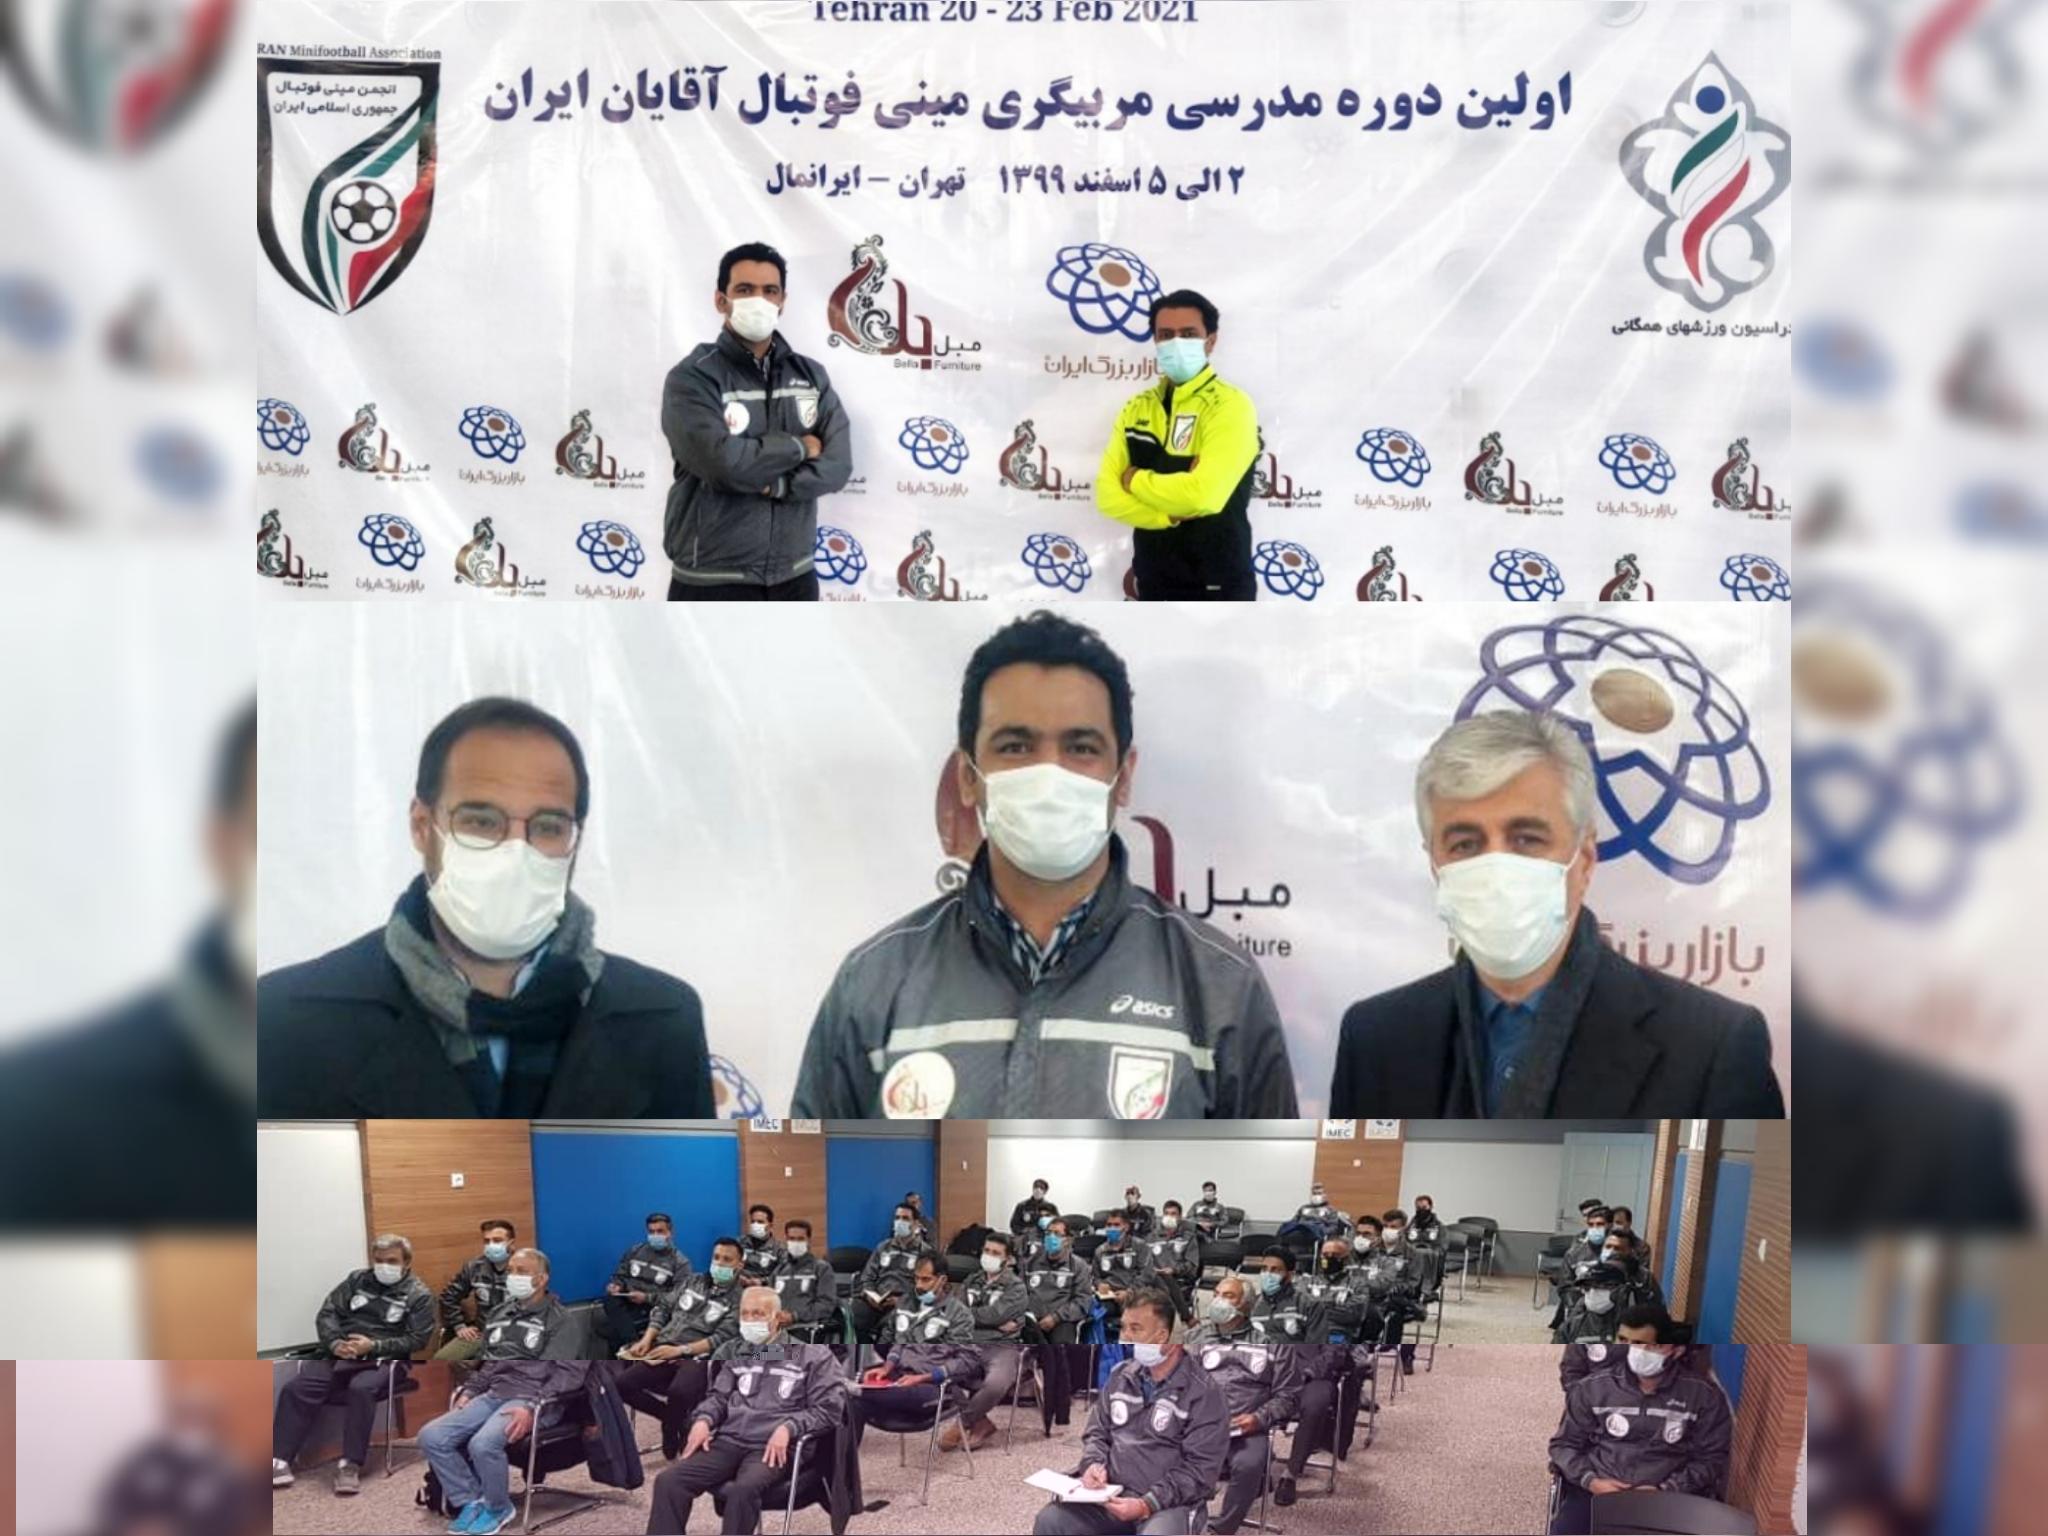 حضور جوان بوکانی در اولین دوره مدرسی مربیگری مینی فوتبال ایران